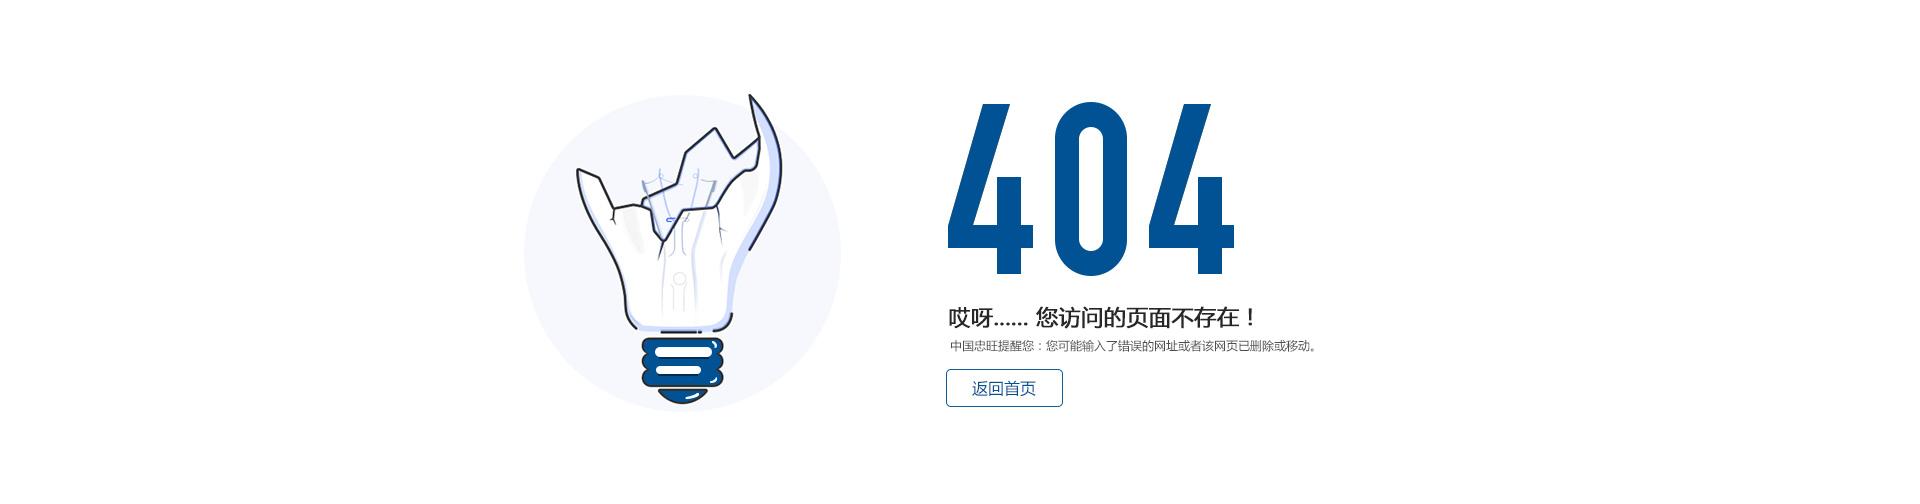 《彭博商業周刊中文版》「2017年度上市企業 」